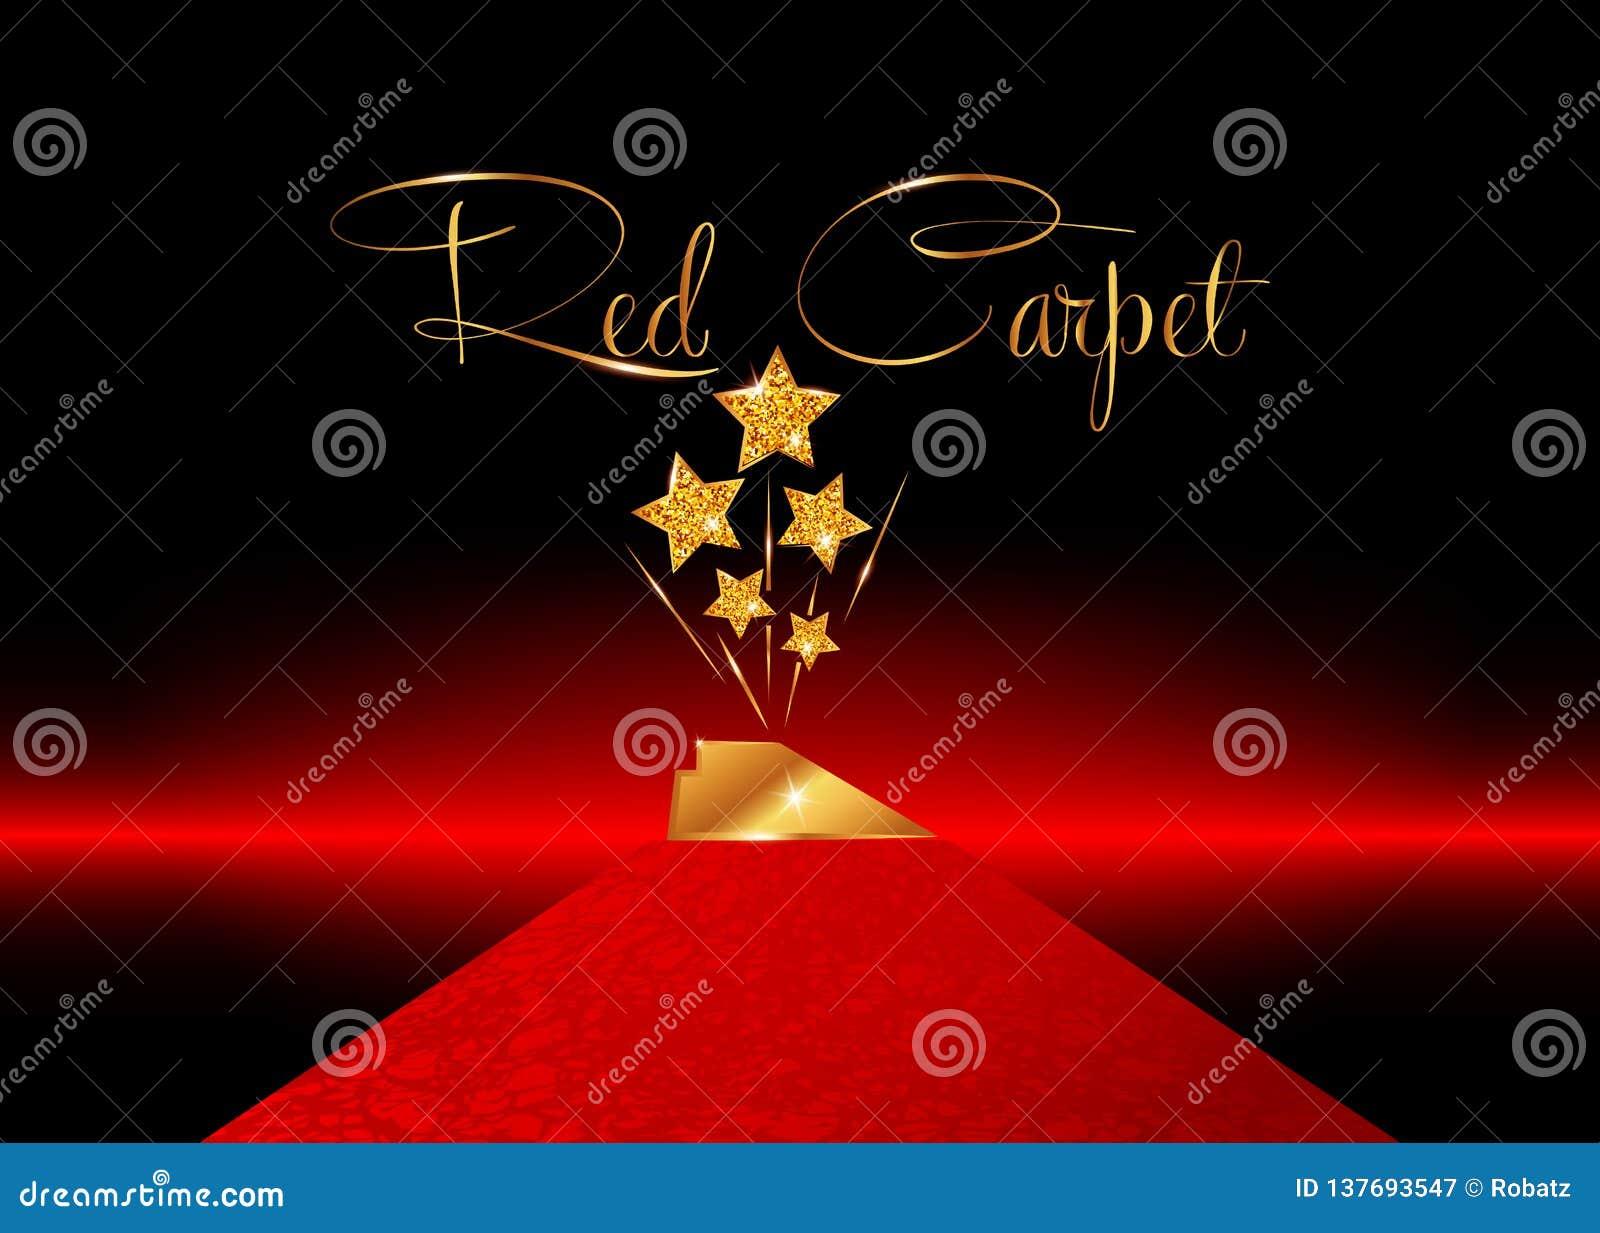 Prêmio da estátua da CONCESSÃO da ESTRELA do ouro do PARTIDO do filme de HOLLYWOOD que dá a cerimônia o tapete vermelho e estrela